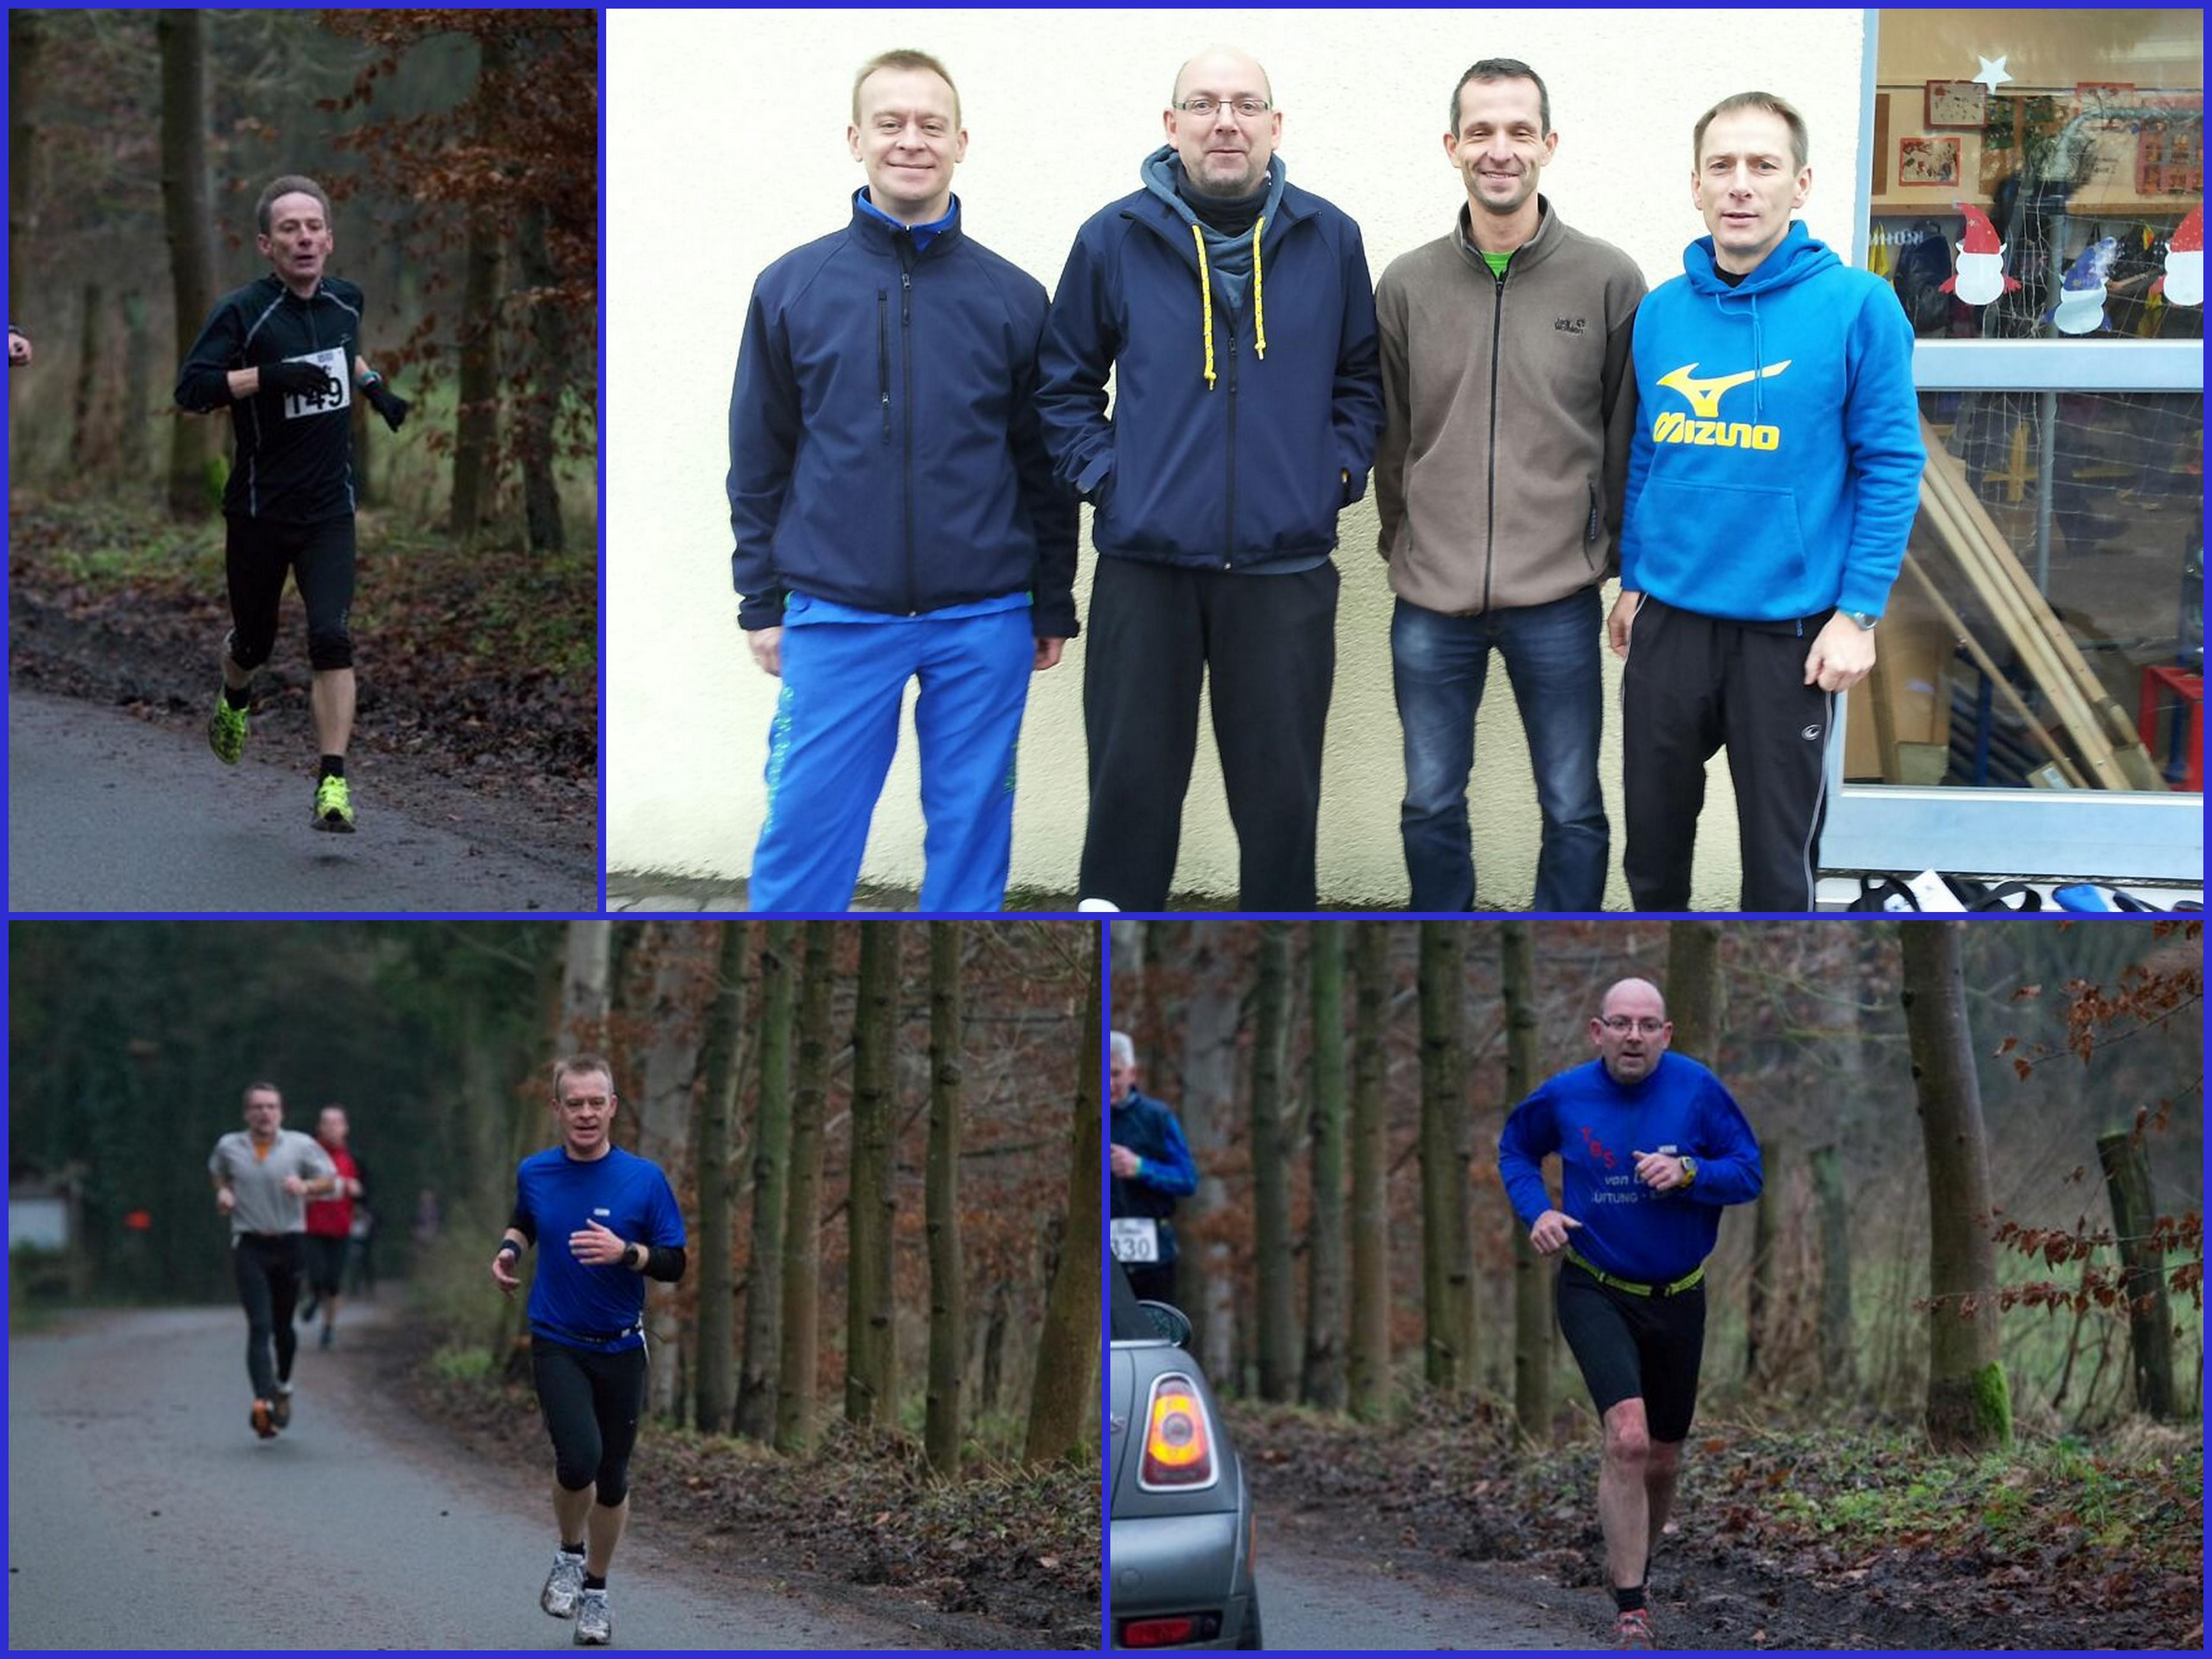 21.12.2014 - Weihnachtslauf Lipperreihe - Laufgruppe SV 06 Oetinghausen